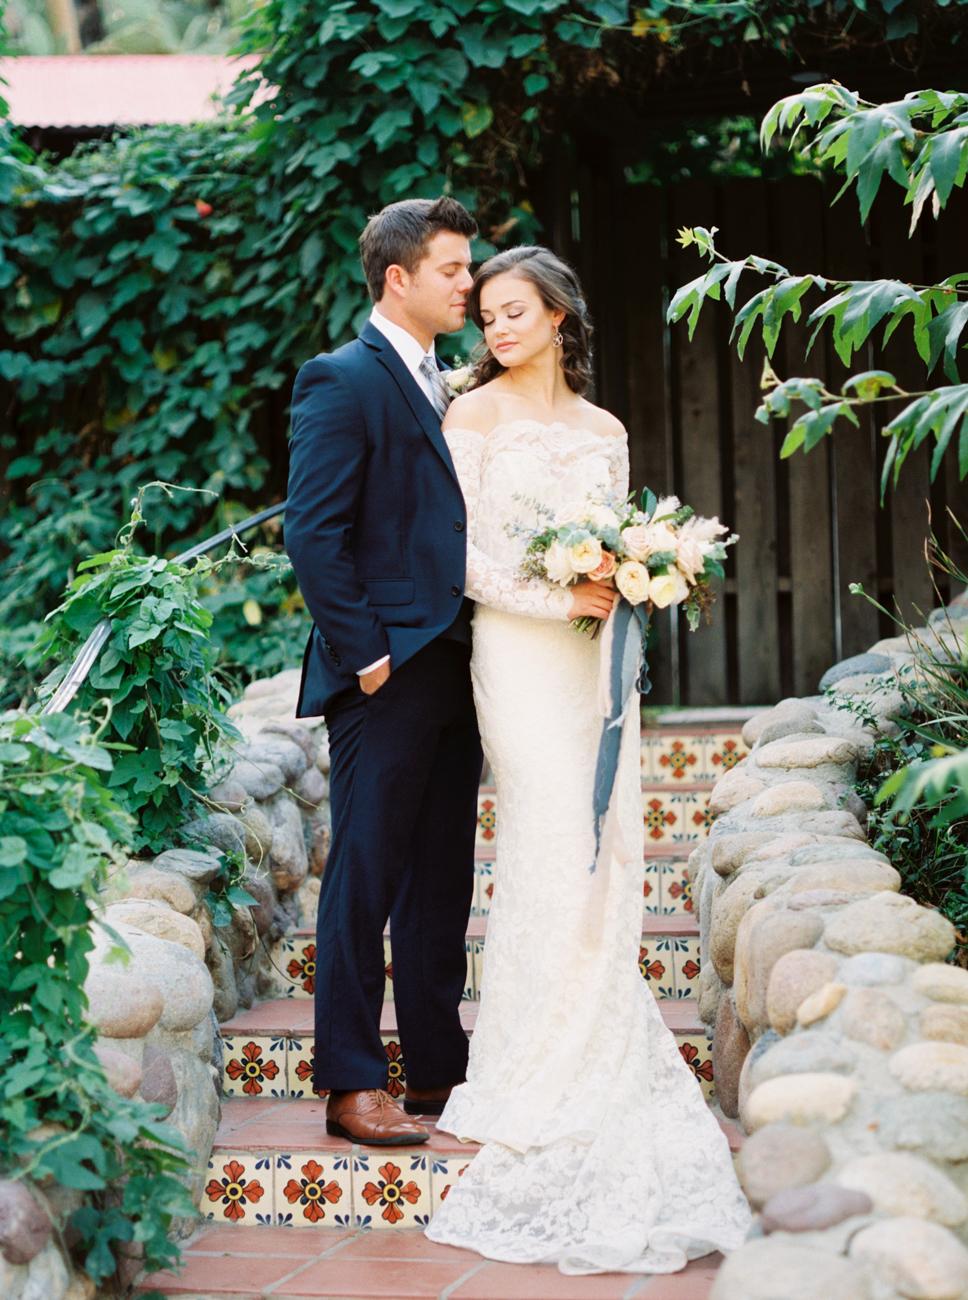 DennisRoyCoronel__RanchoLasLomas_Wedding-43.jpg